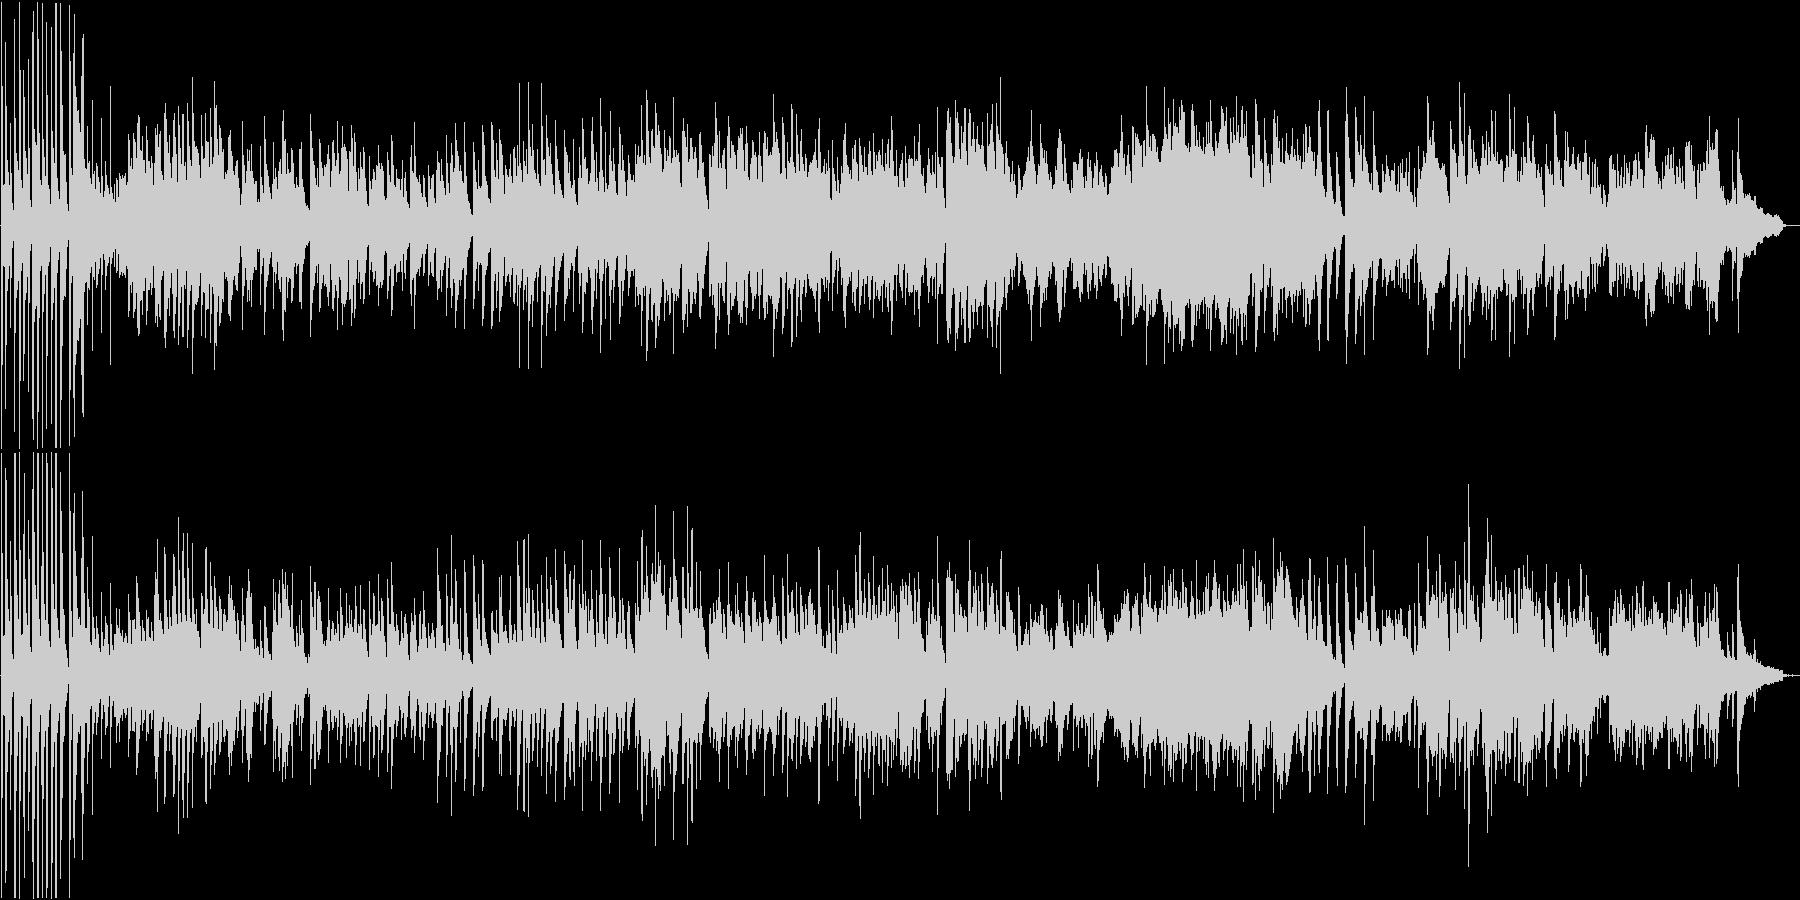 芸術性の高い変拍子のピアノソロ楽曲の未再生の波形